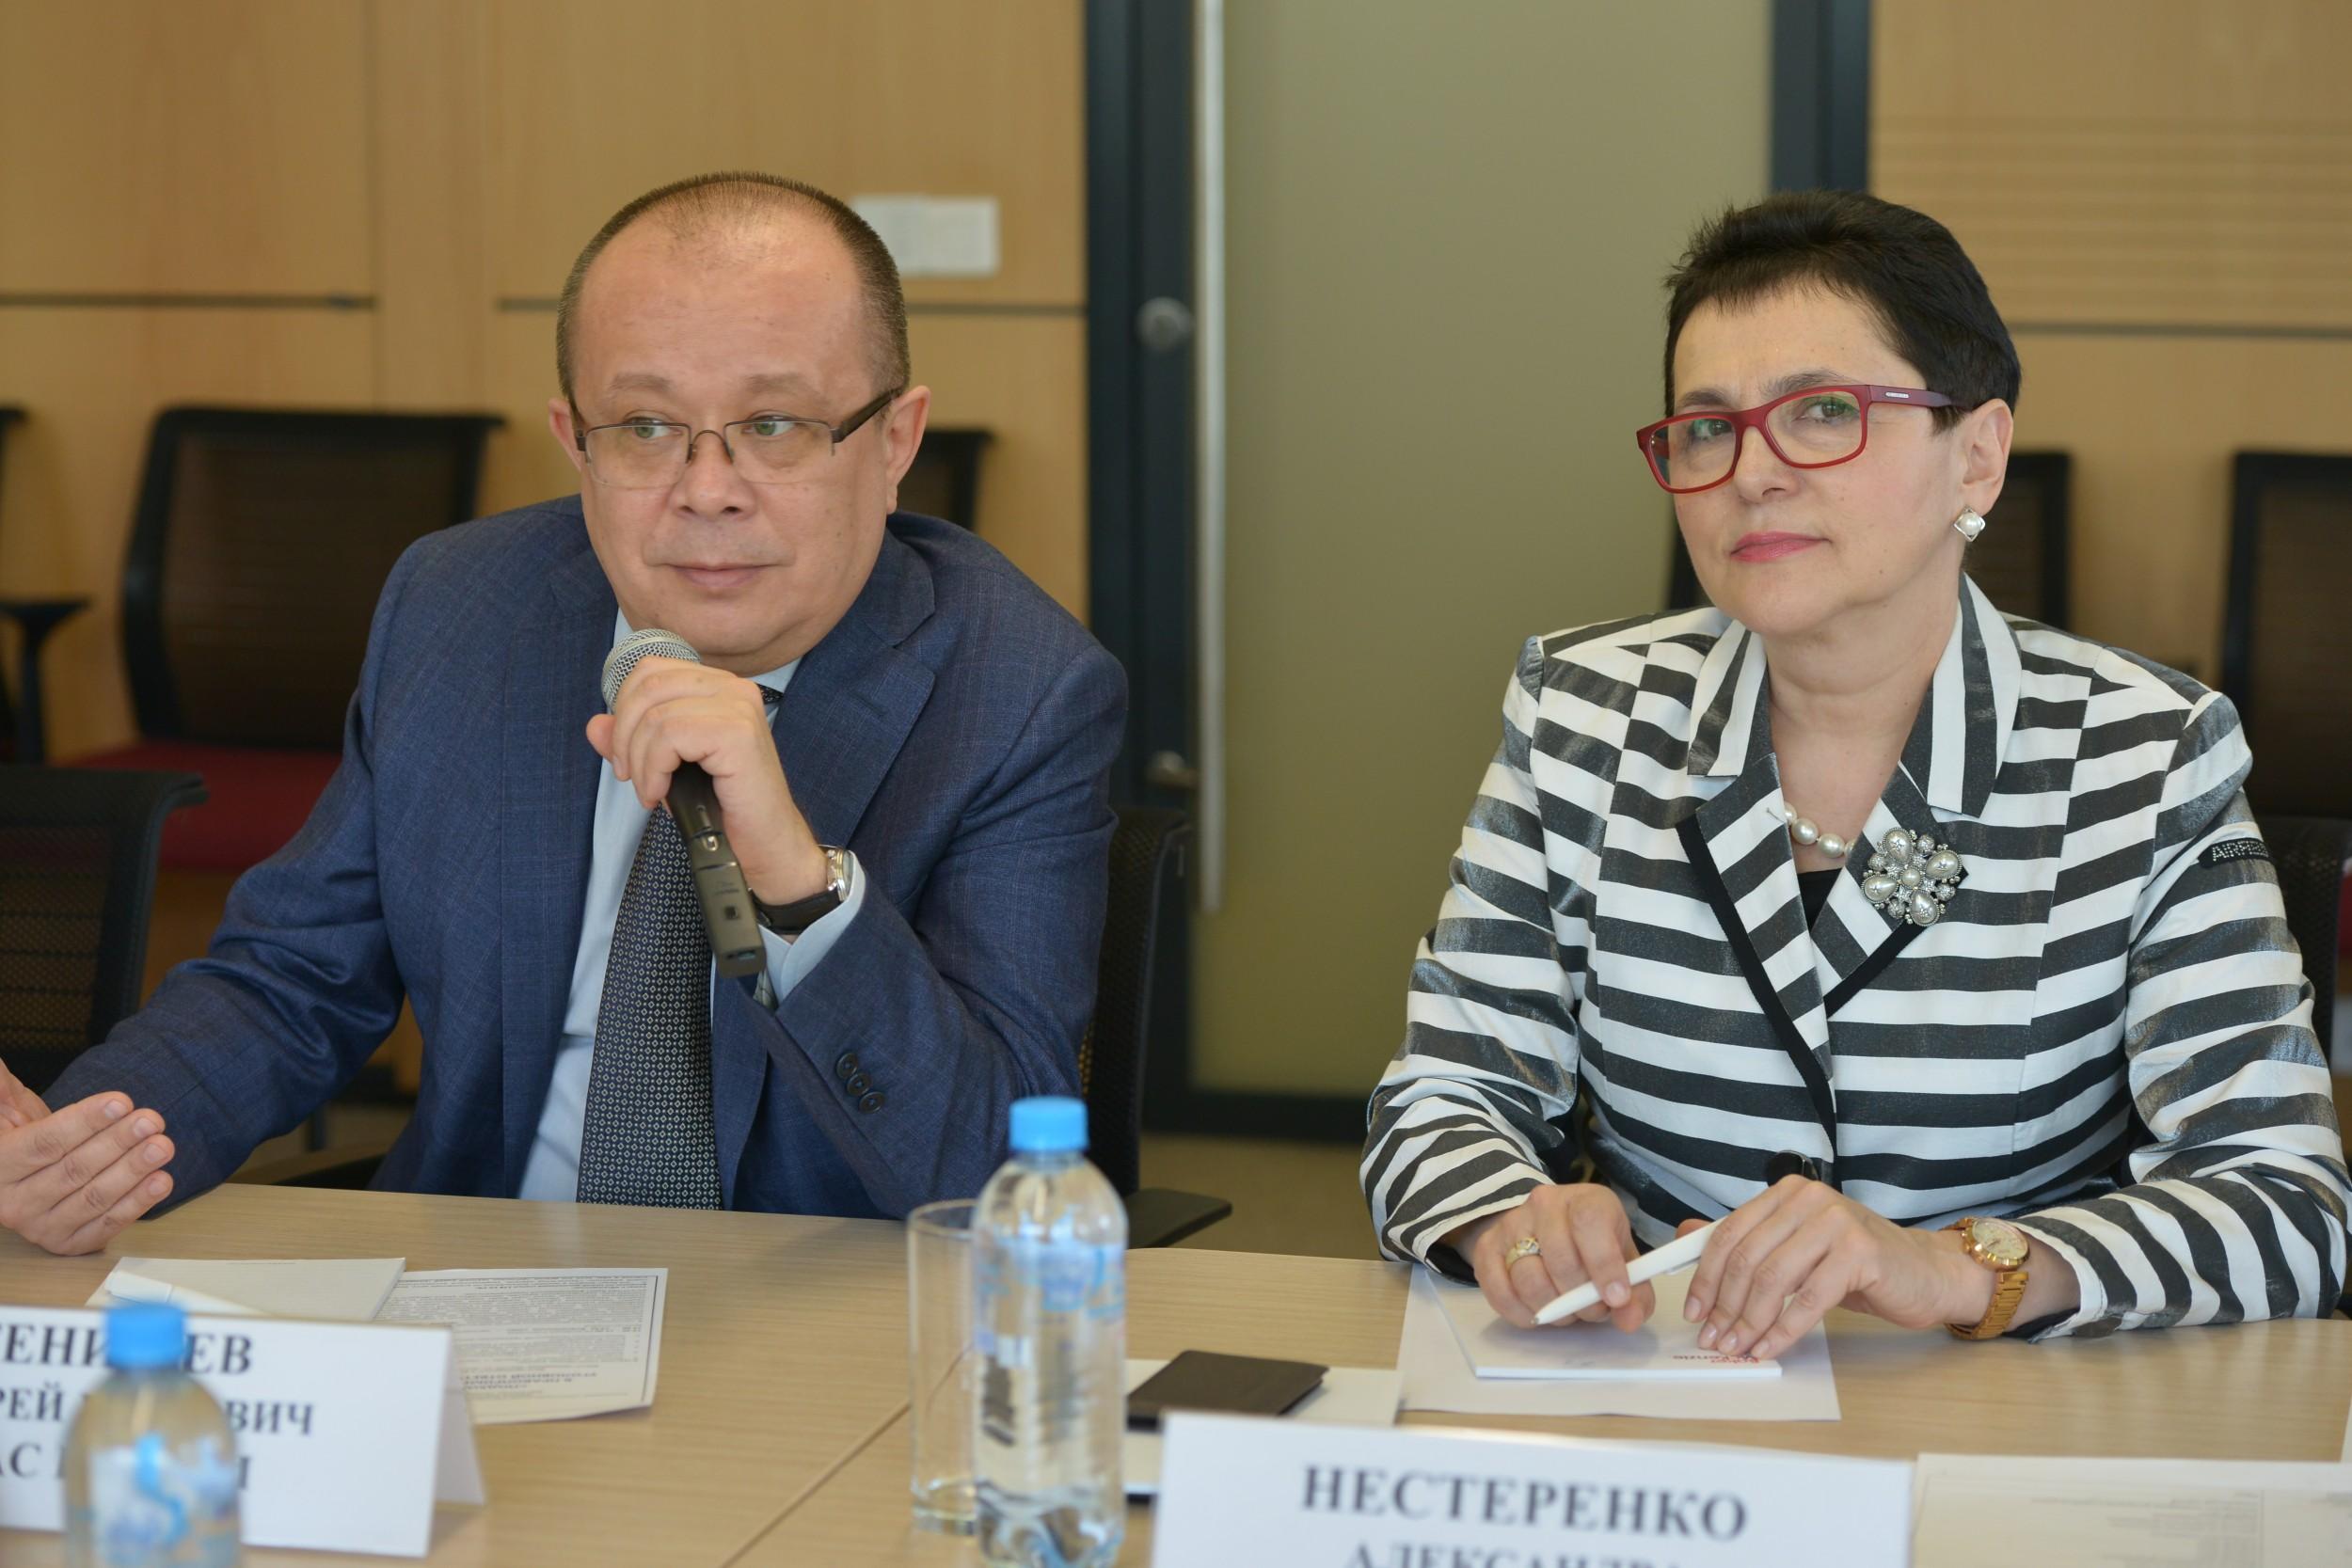 Круглый стол ОКЮР с представителями ФАС России и МВД России